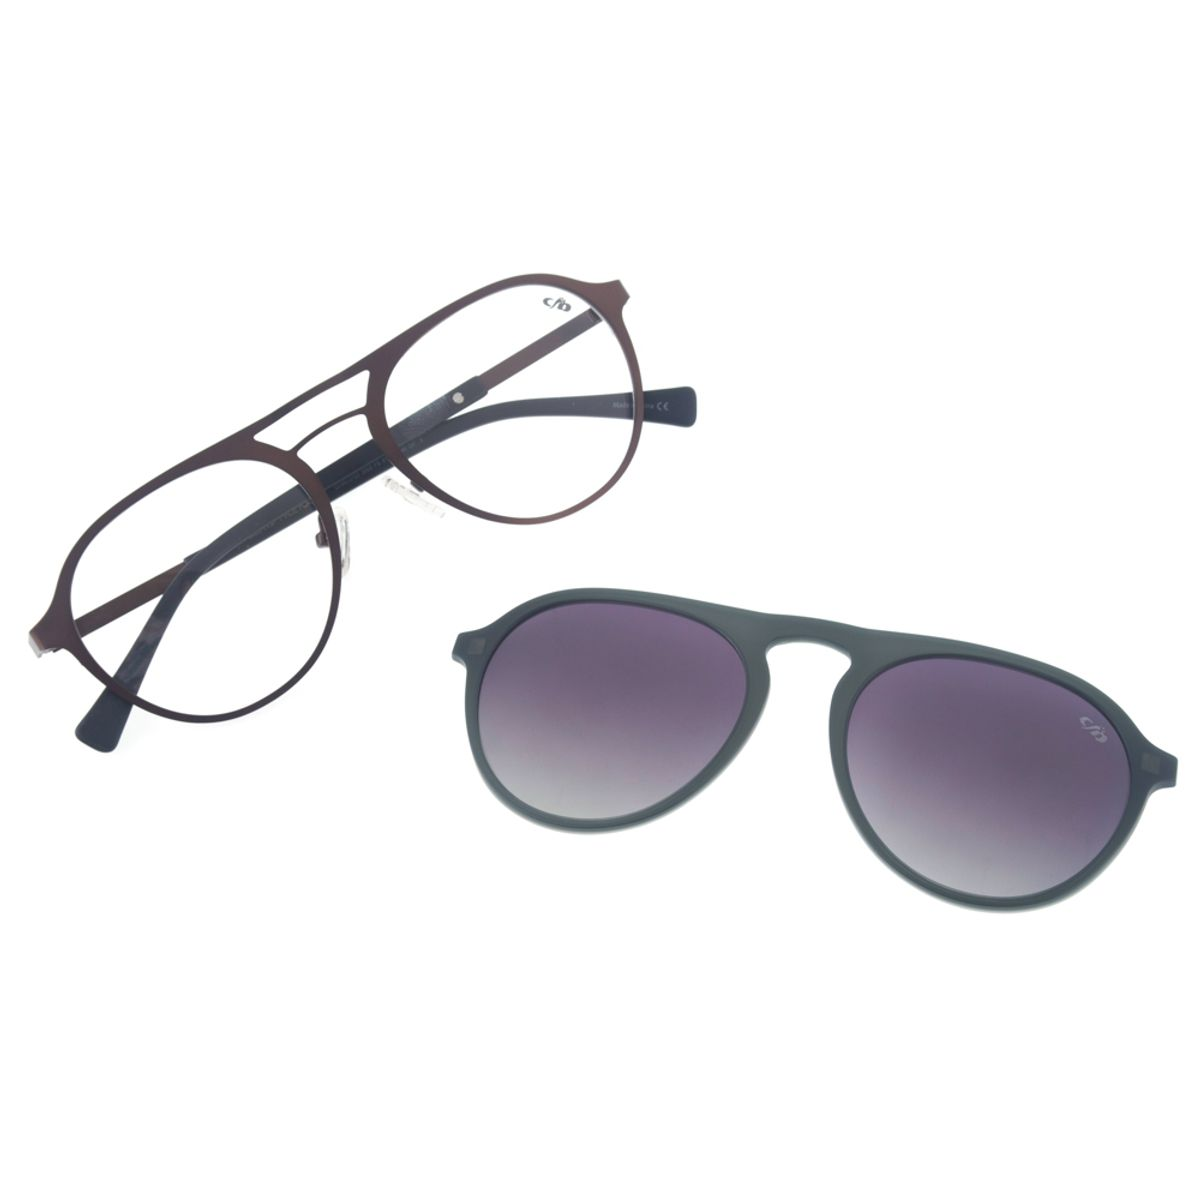 366d97632 Armação para Óculos de Grau Redondo Chilli Beans Multi Unissex Polarizado  Marrom 0153 - LV.MU.0153.2002 M. REF: LV.MU.0153.2002. Previous